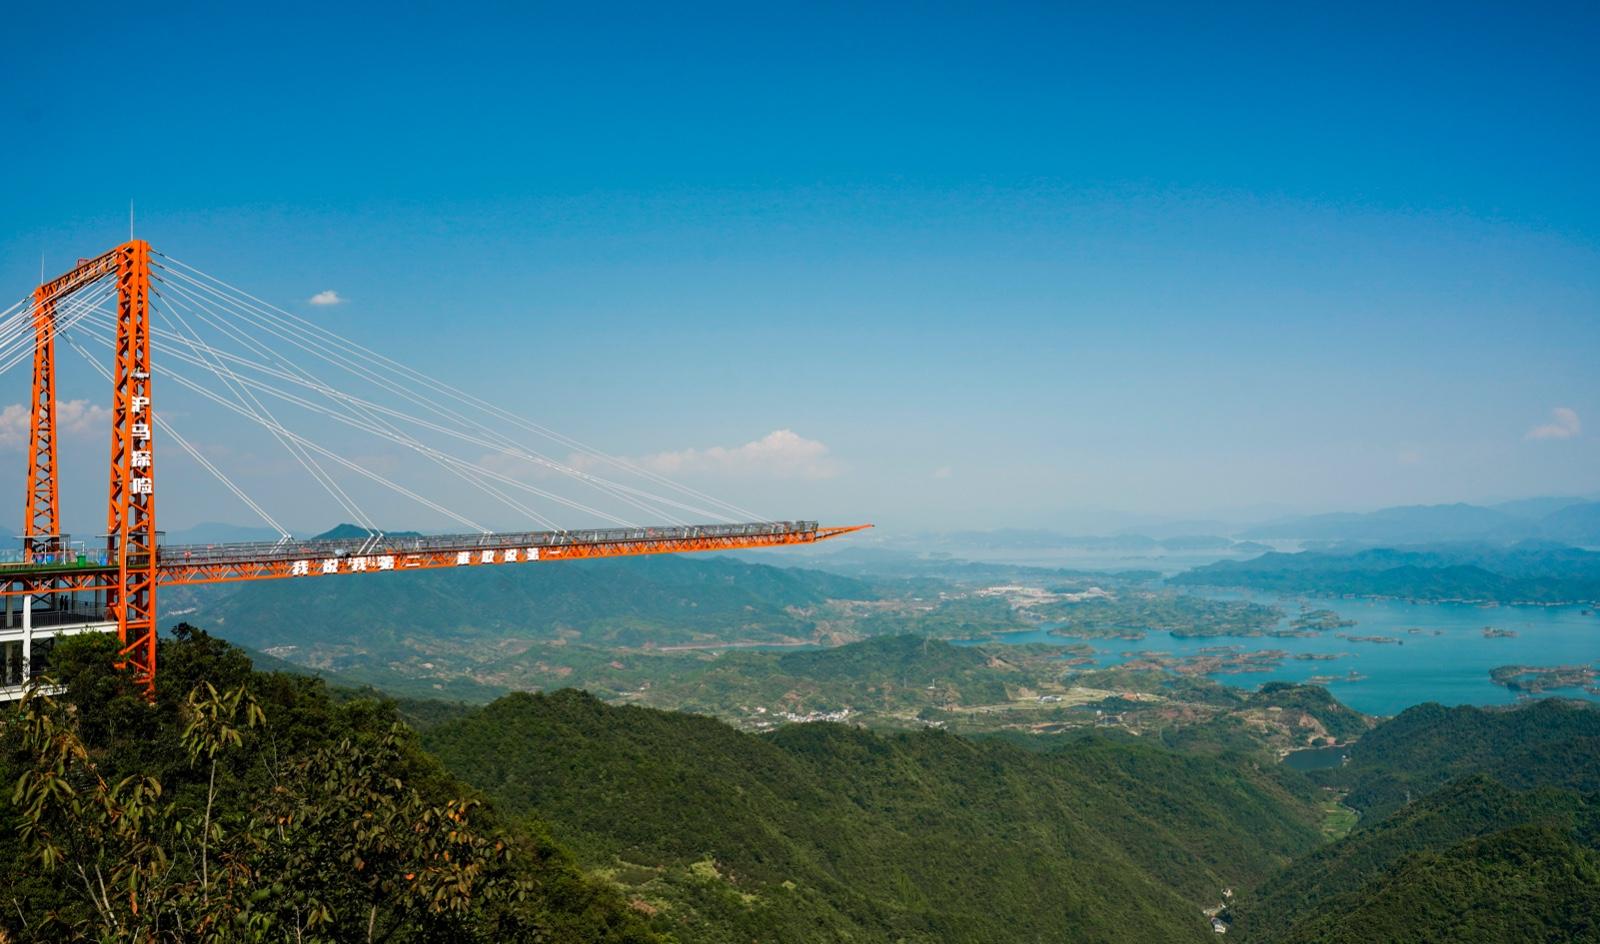 【美图Pick计划】旅游千岛湖,解锁好玩到尖叫的新地标,还有世界第一悬挑玻璃桥